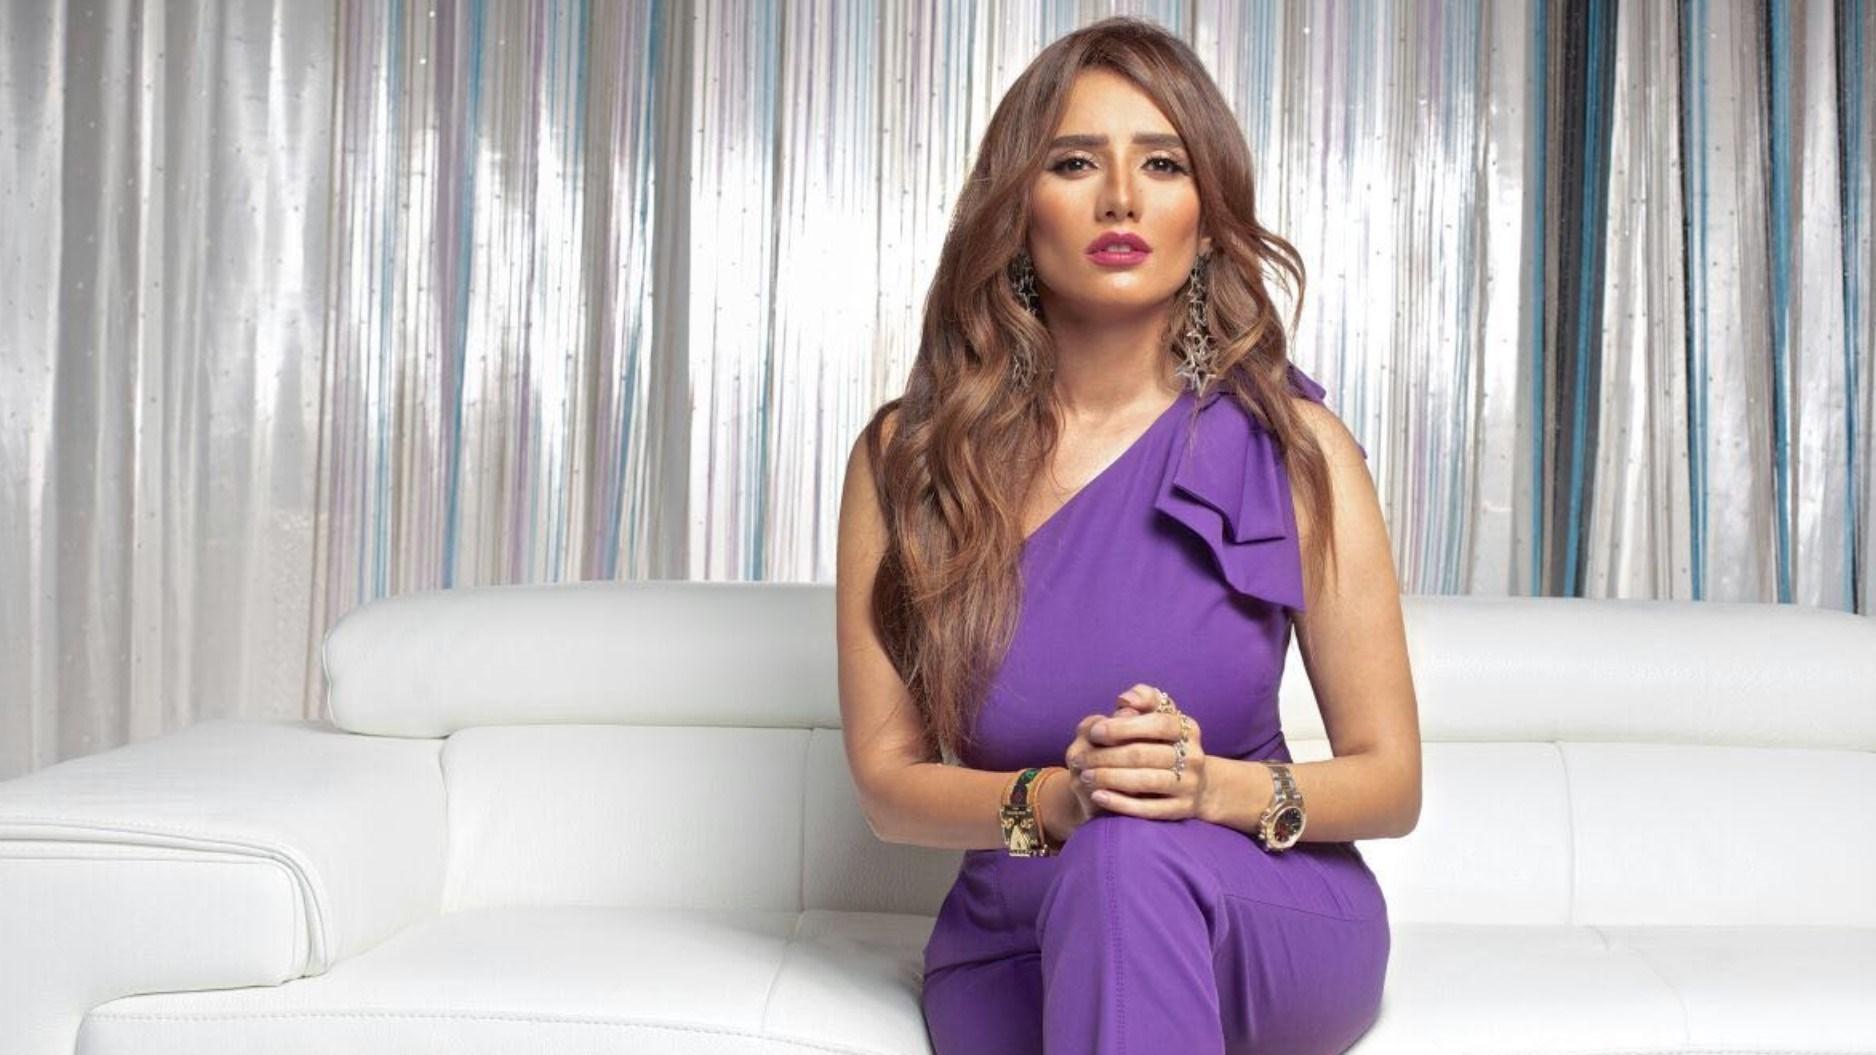 زينة تنتصر على أحمد عز في حكم قضائي جديد